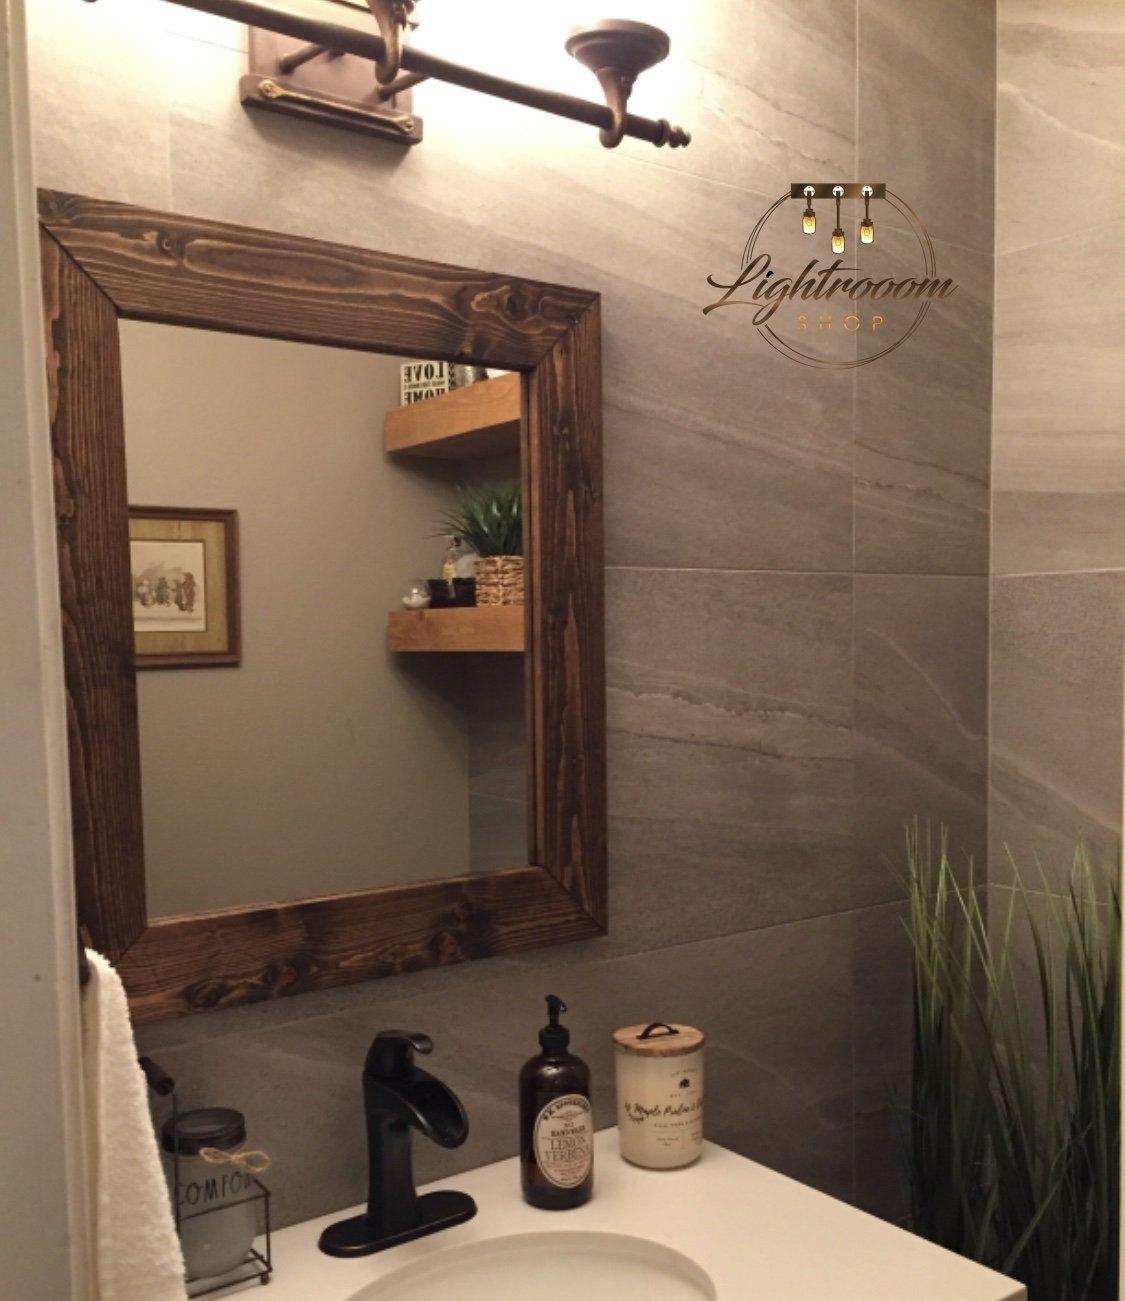 Espresso Wood Framed Mirror Rustic Wood Mirror Bathroom Mirror Wall Mirror Vanity Mirror Small Mirror Mirror Wall Bathroom Mirror Wall Mirror Wall Bedroom